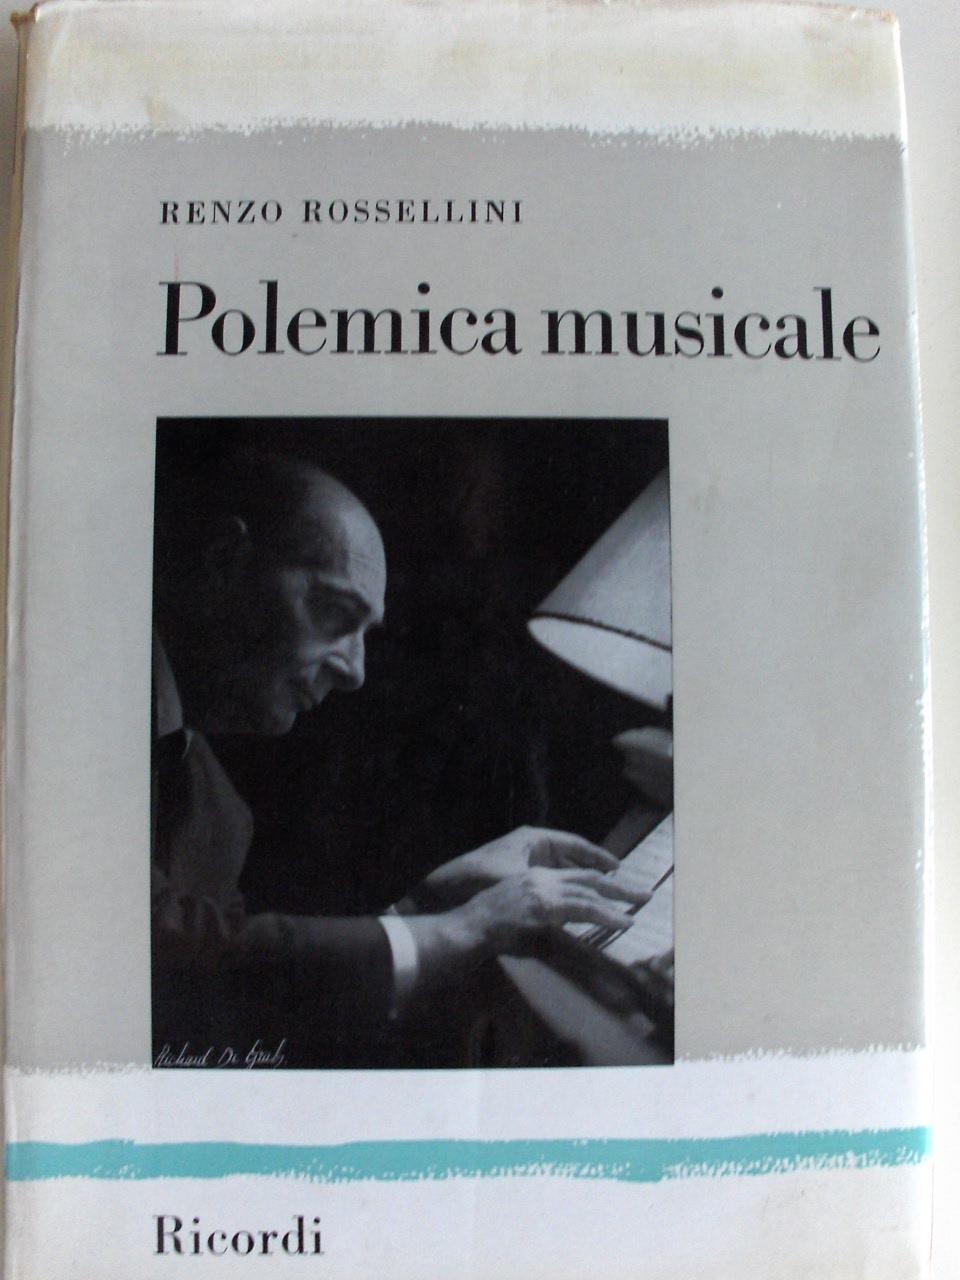 Polemica musicale